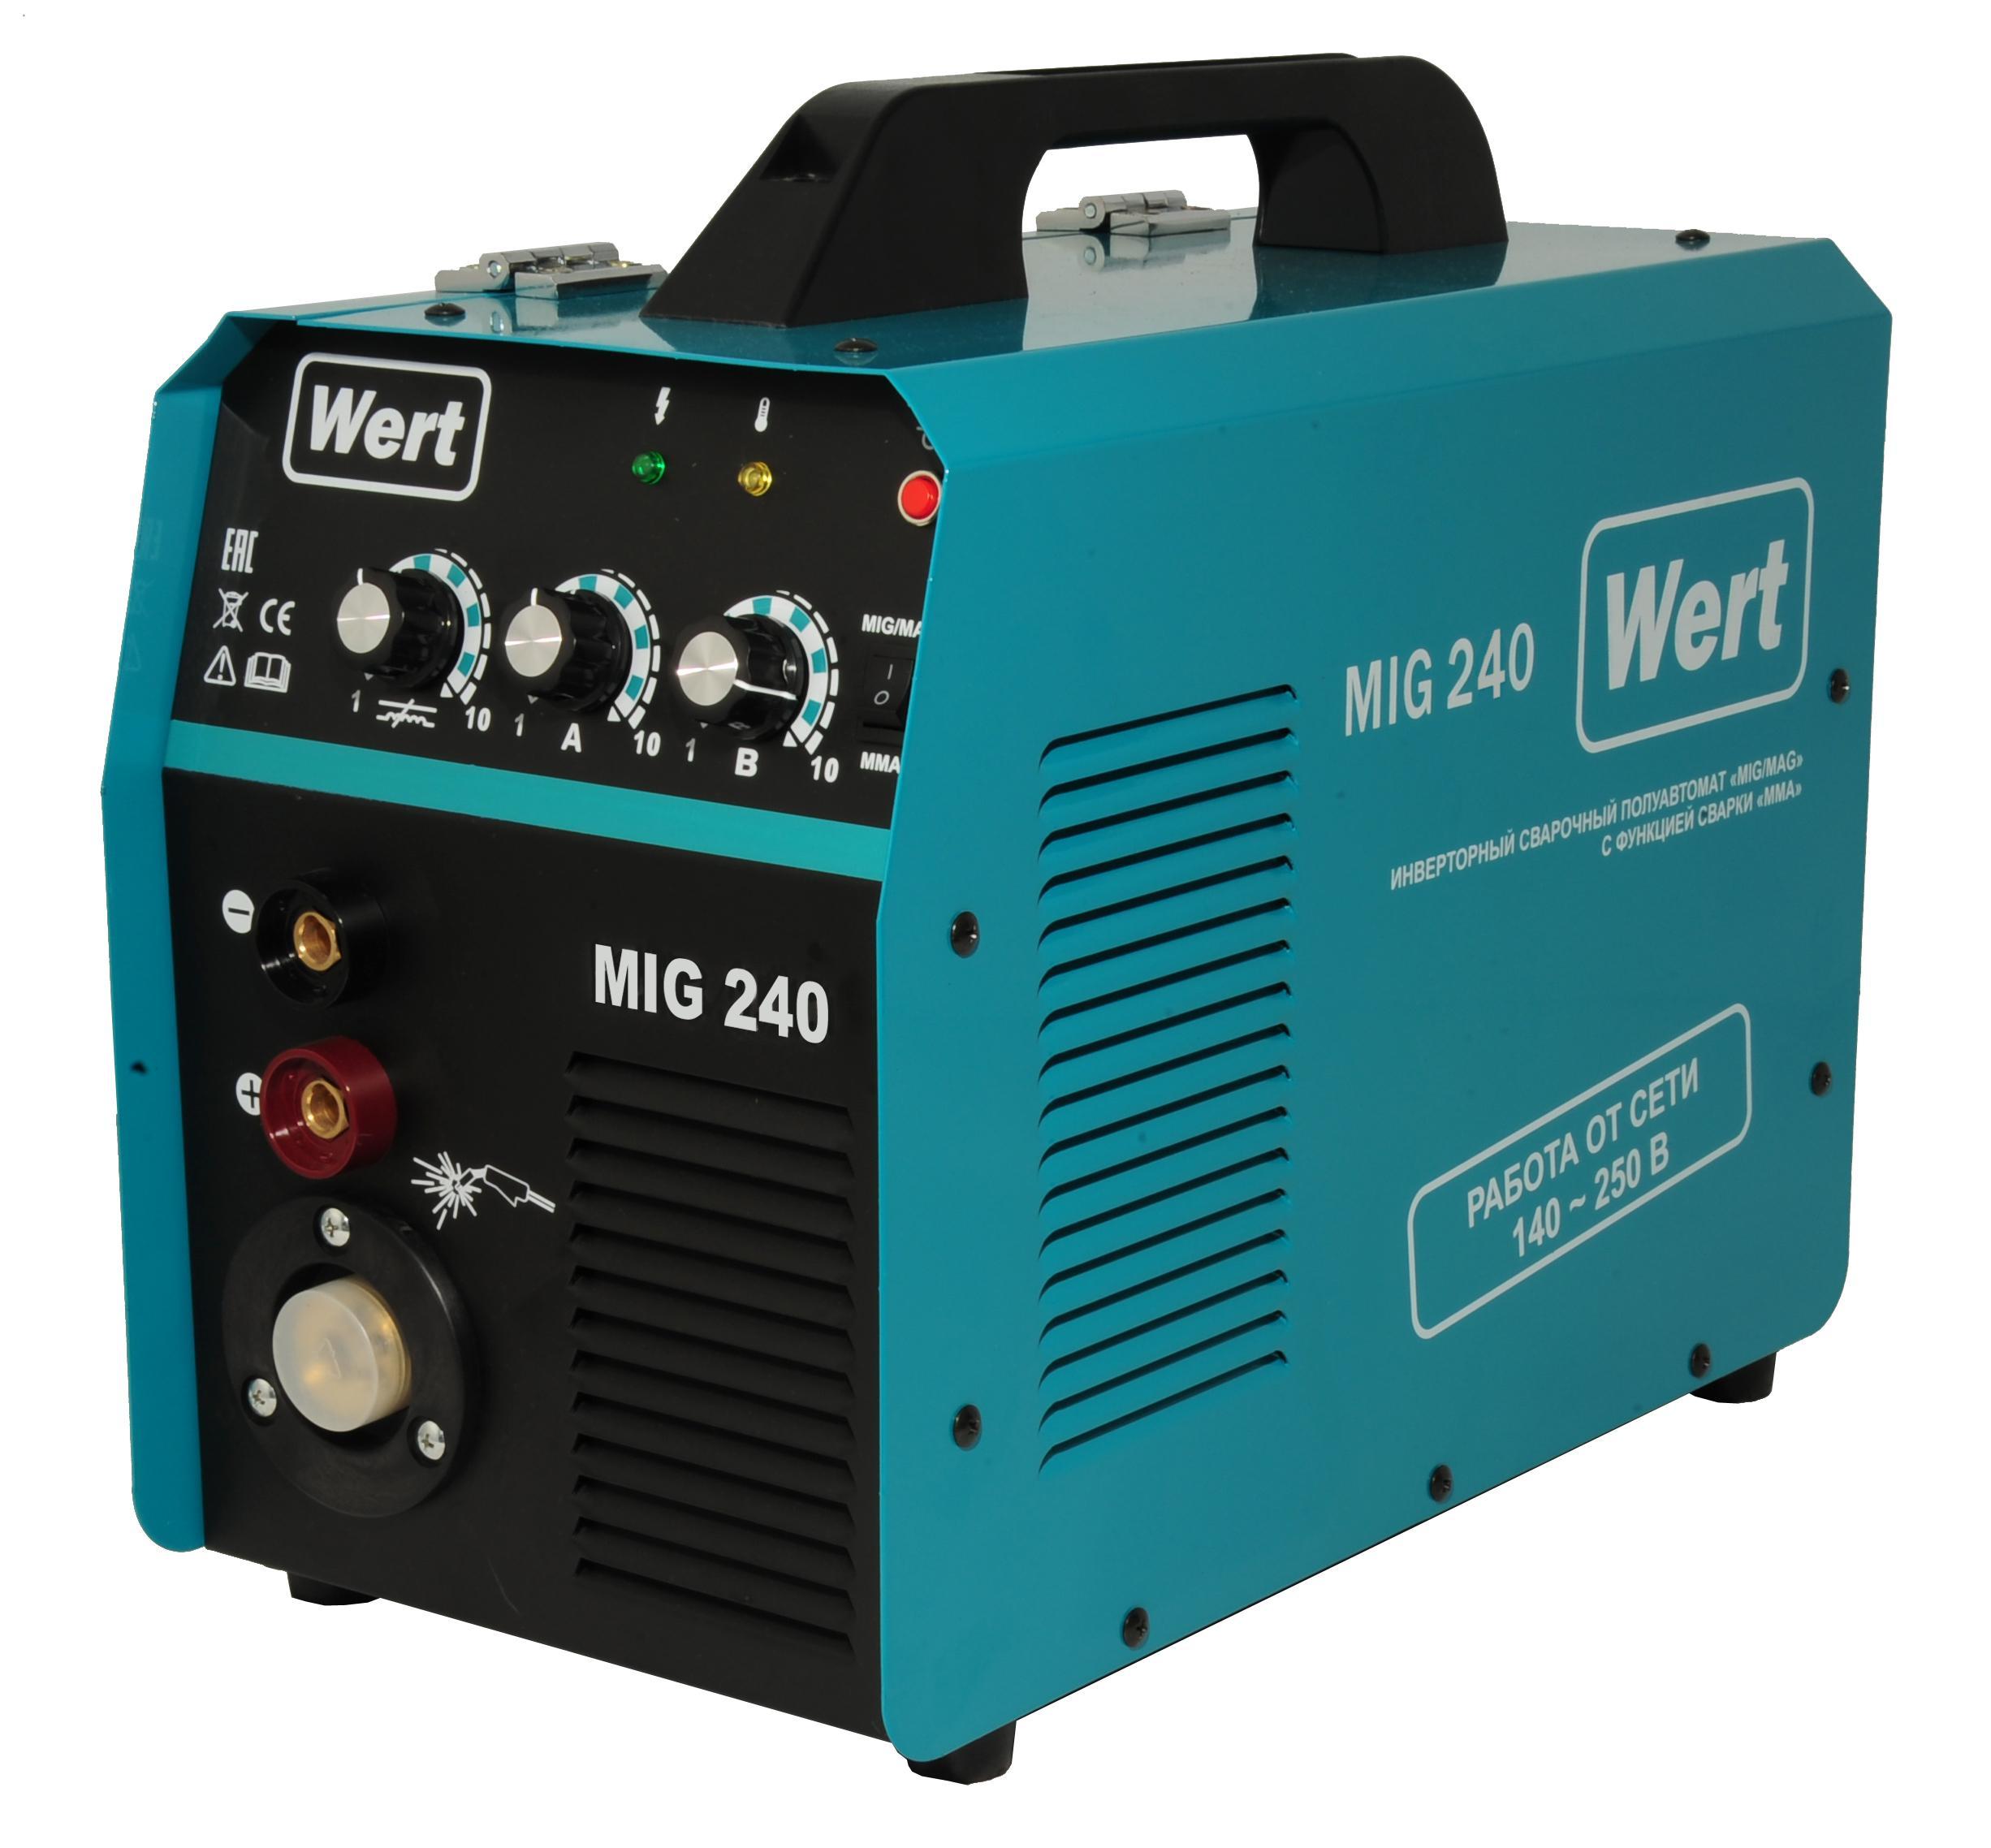 Купить со скидкой Сварочный аппарат Wert Mig 240